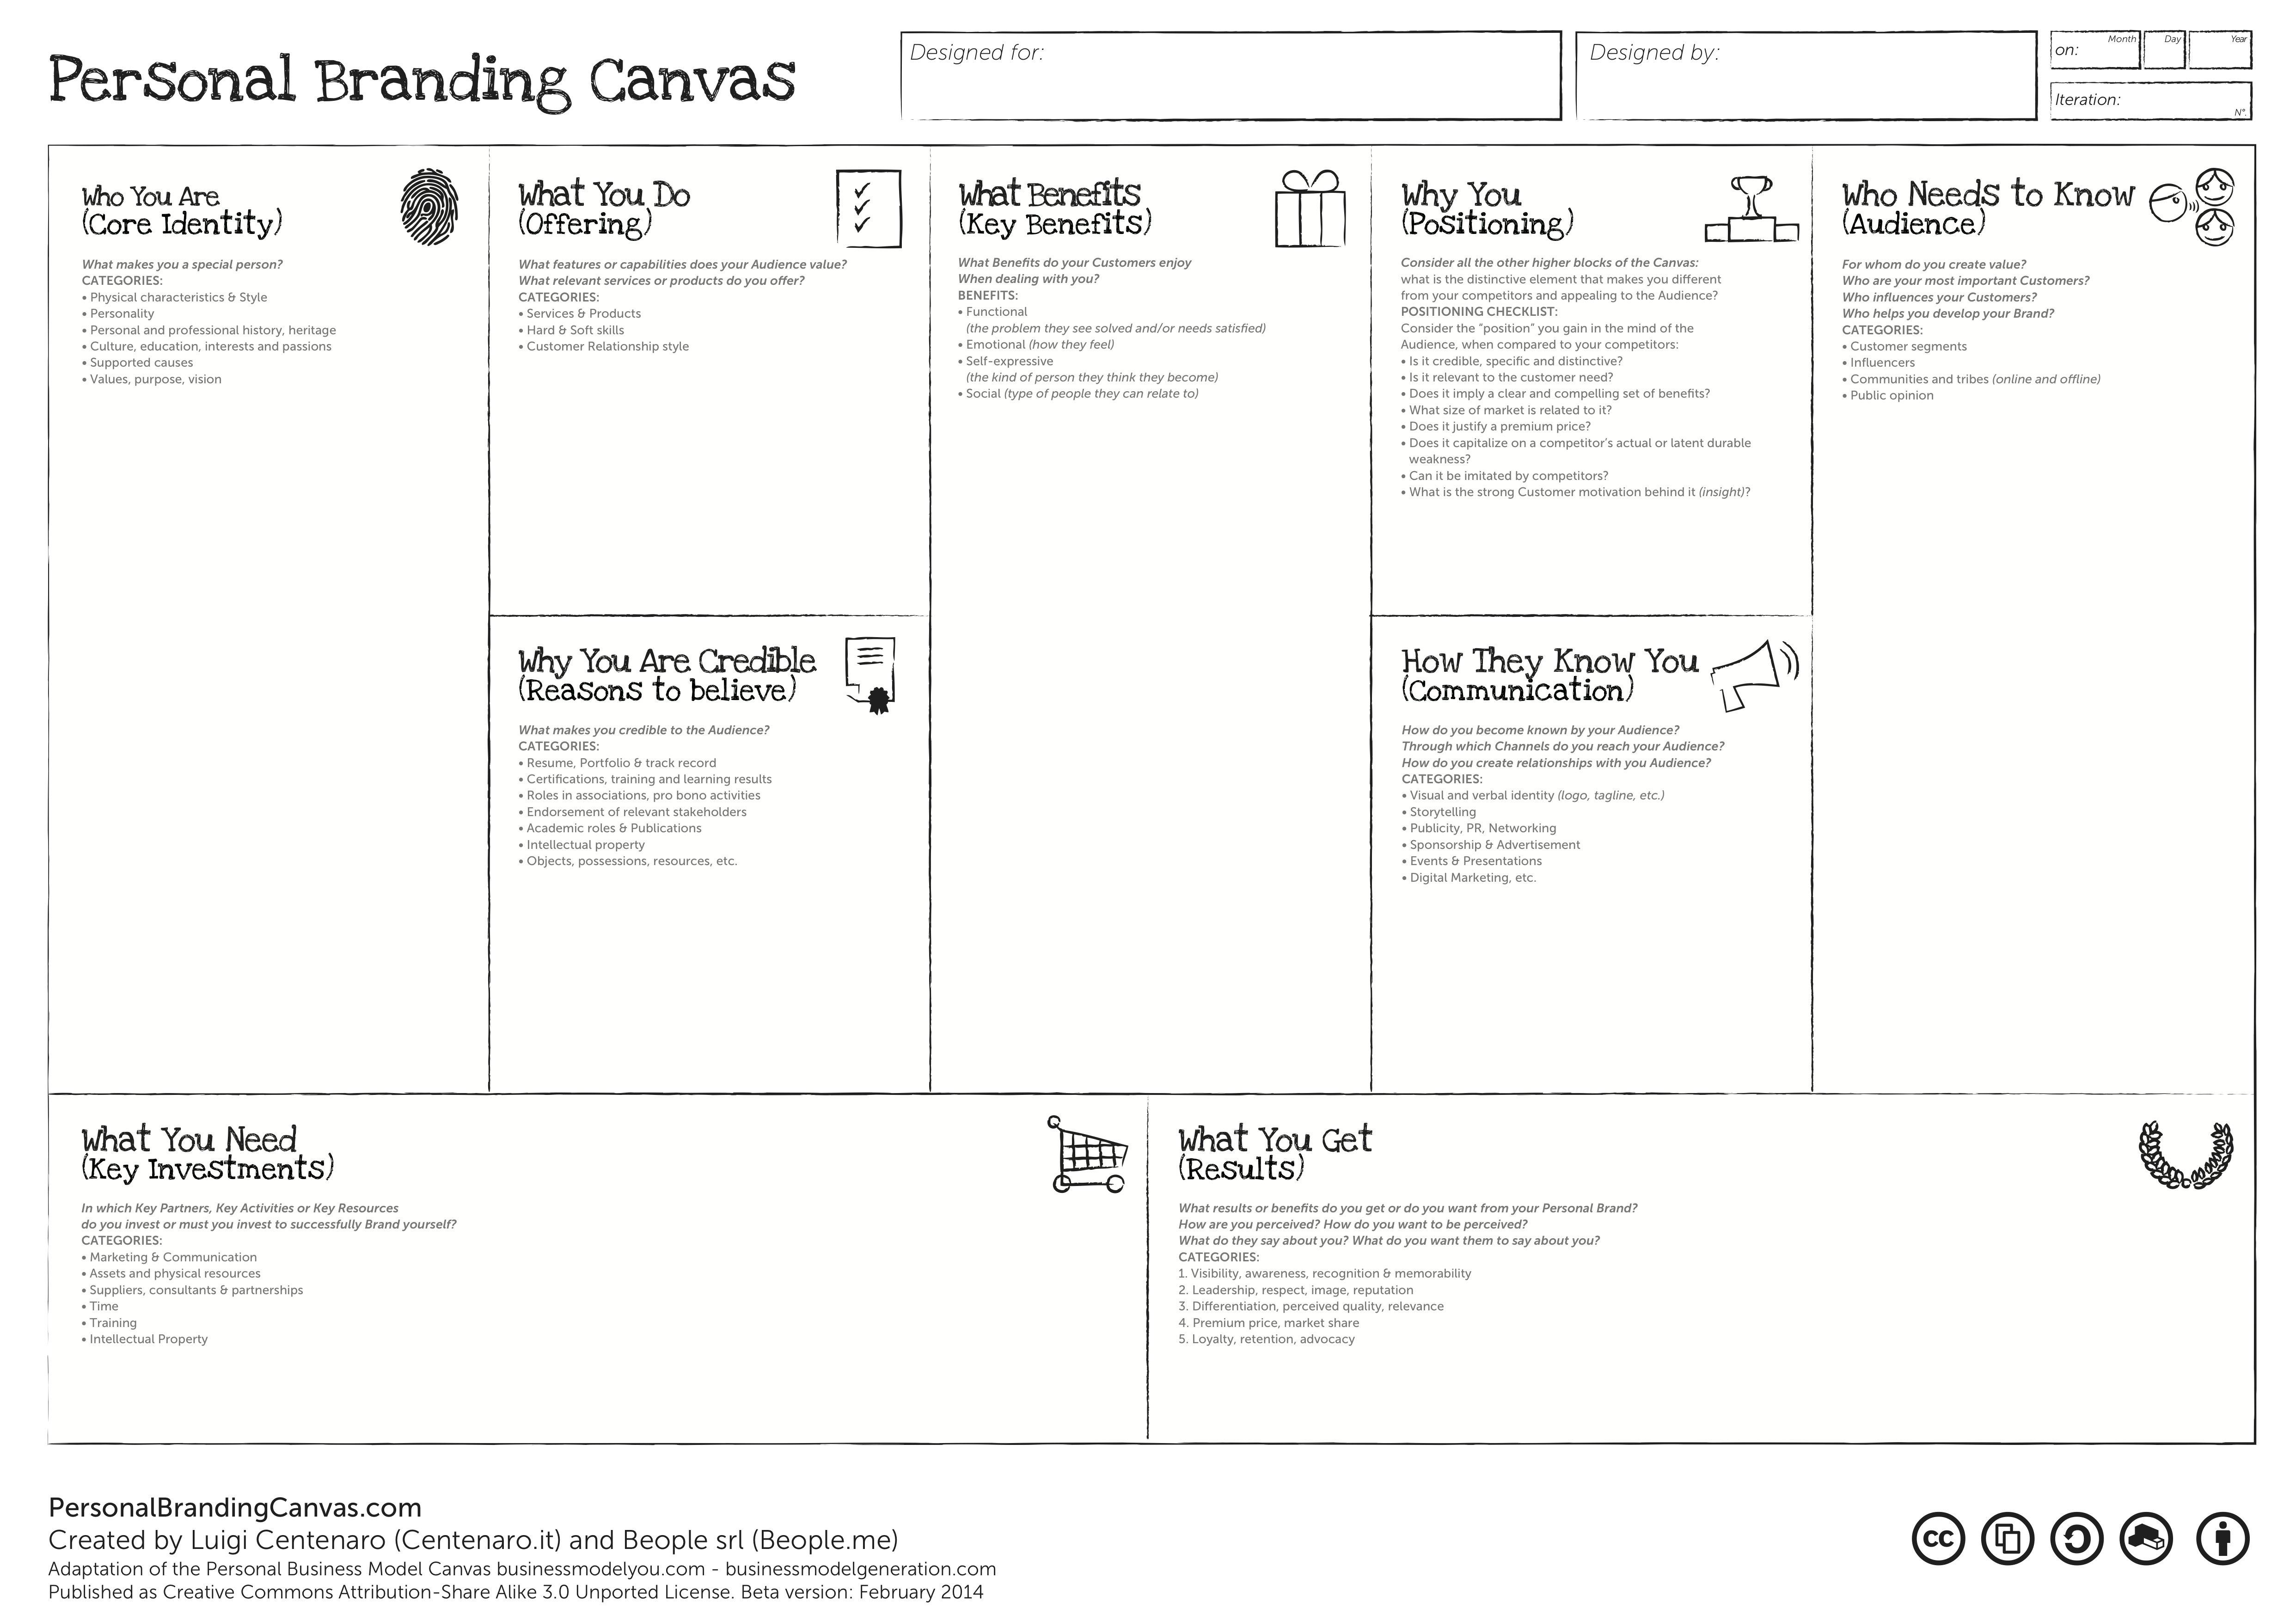 Personal Branding Canvas - Versione italiana del Febbraio 2014